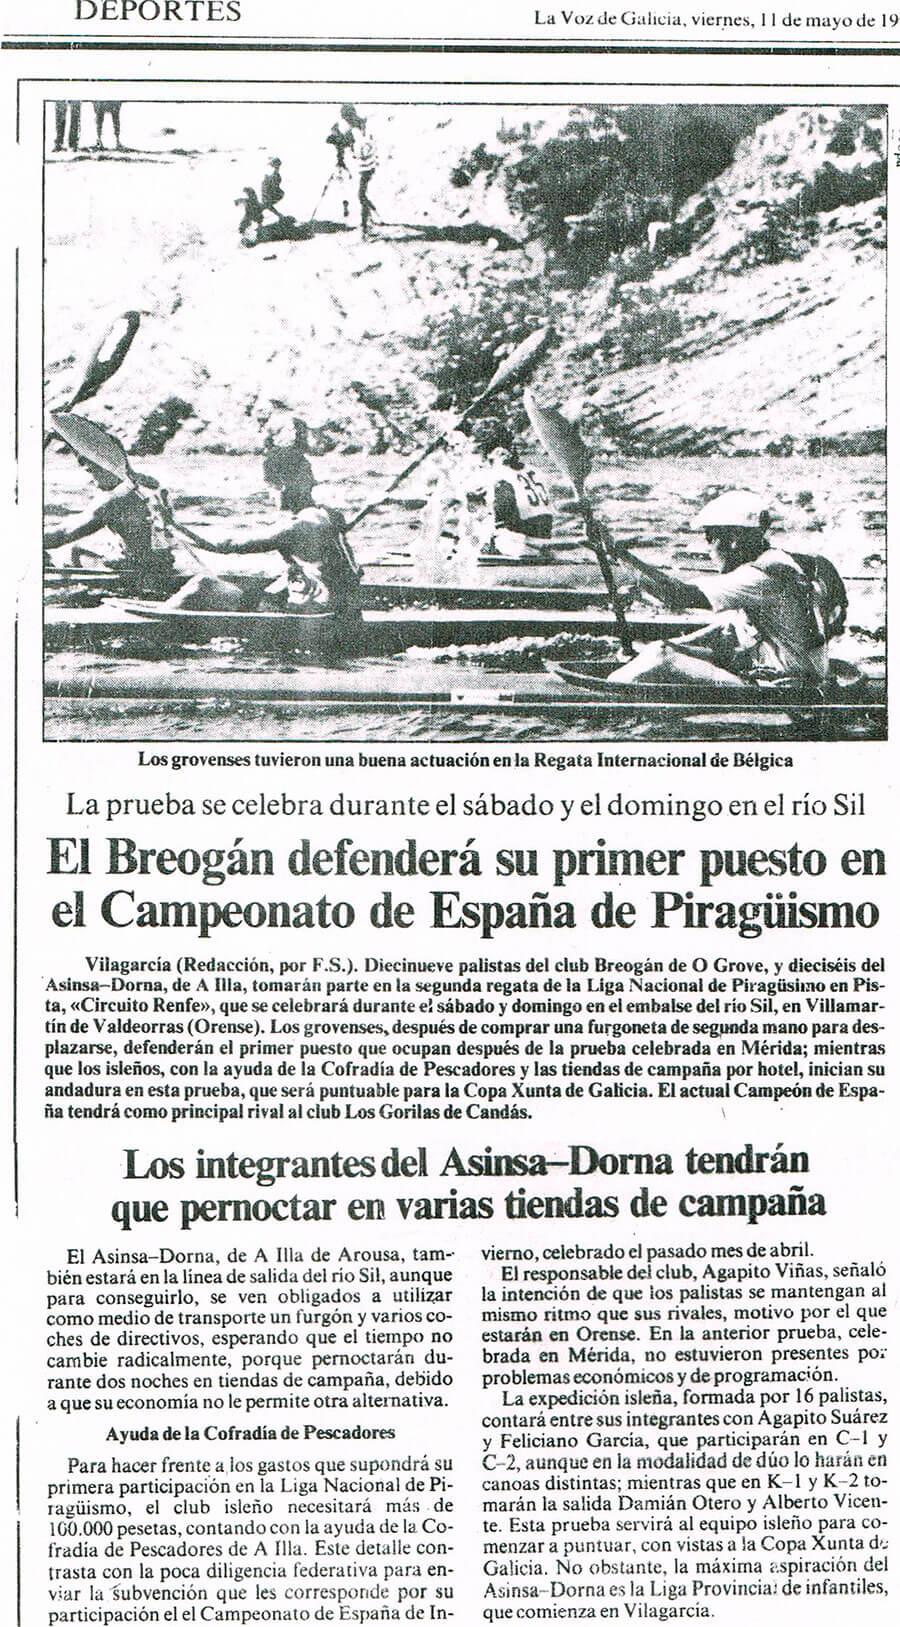 Prensa El Breogán defenderá su primer puesto en el Campeonato de España de Piragüismo